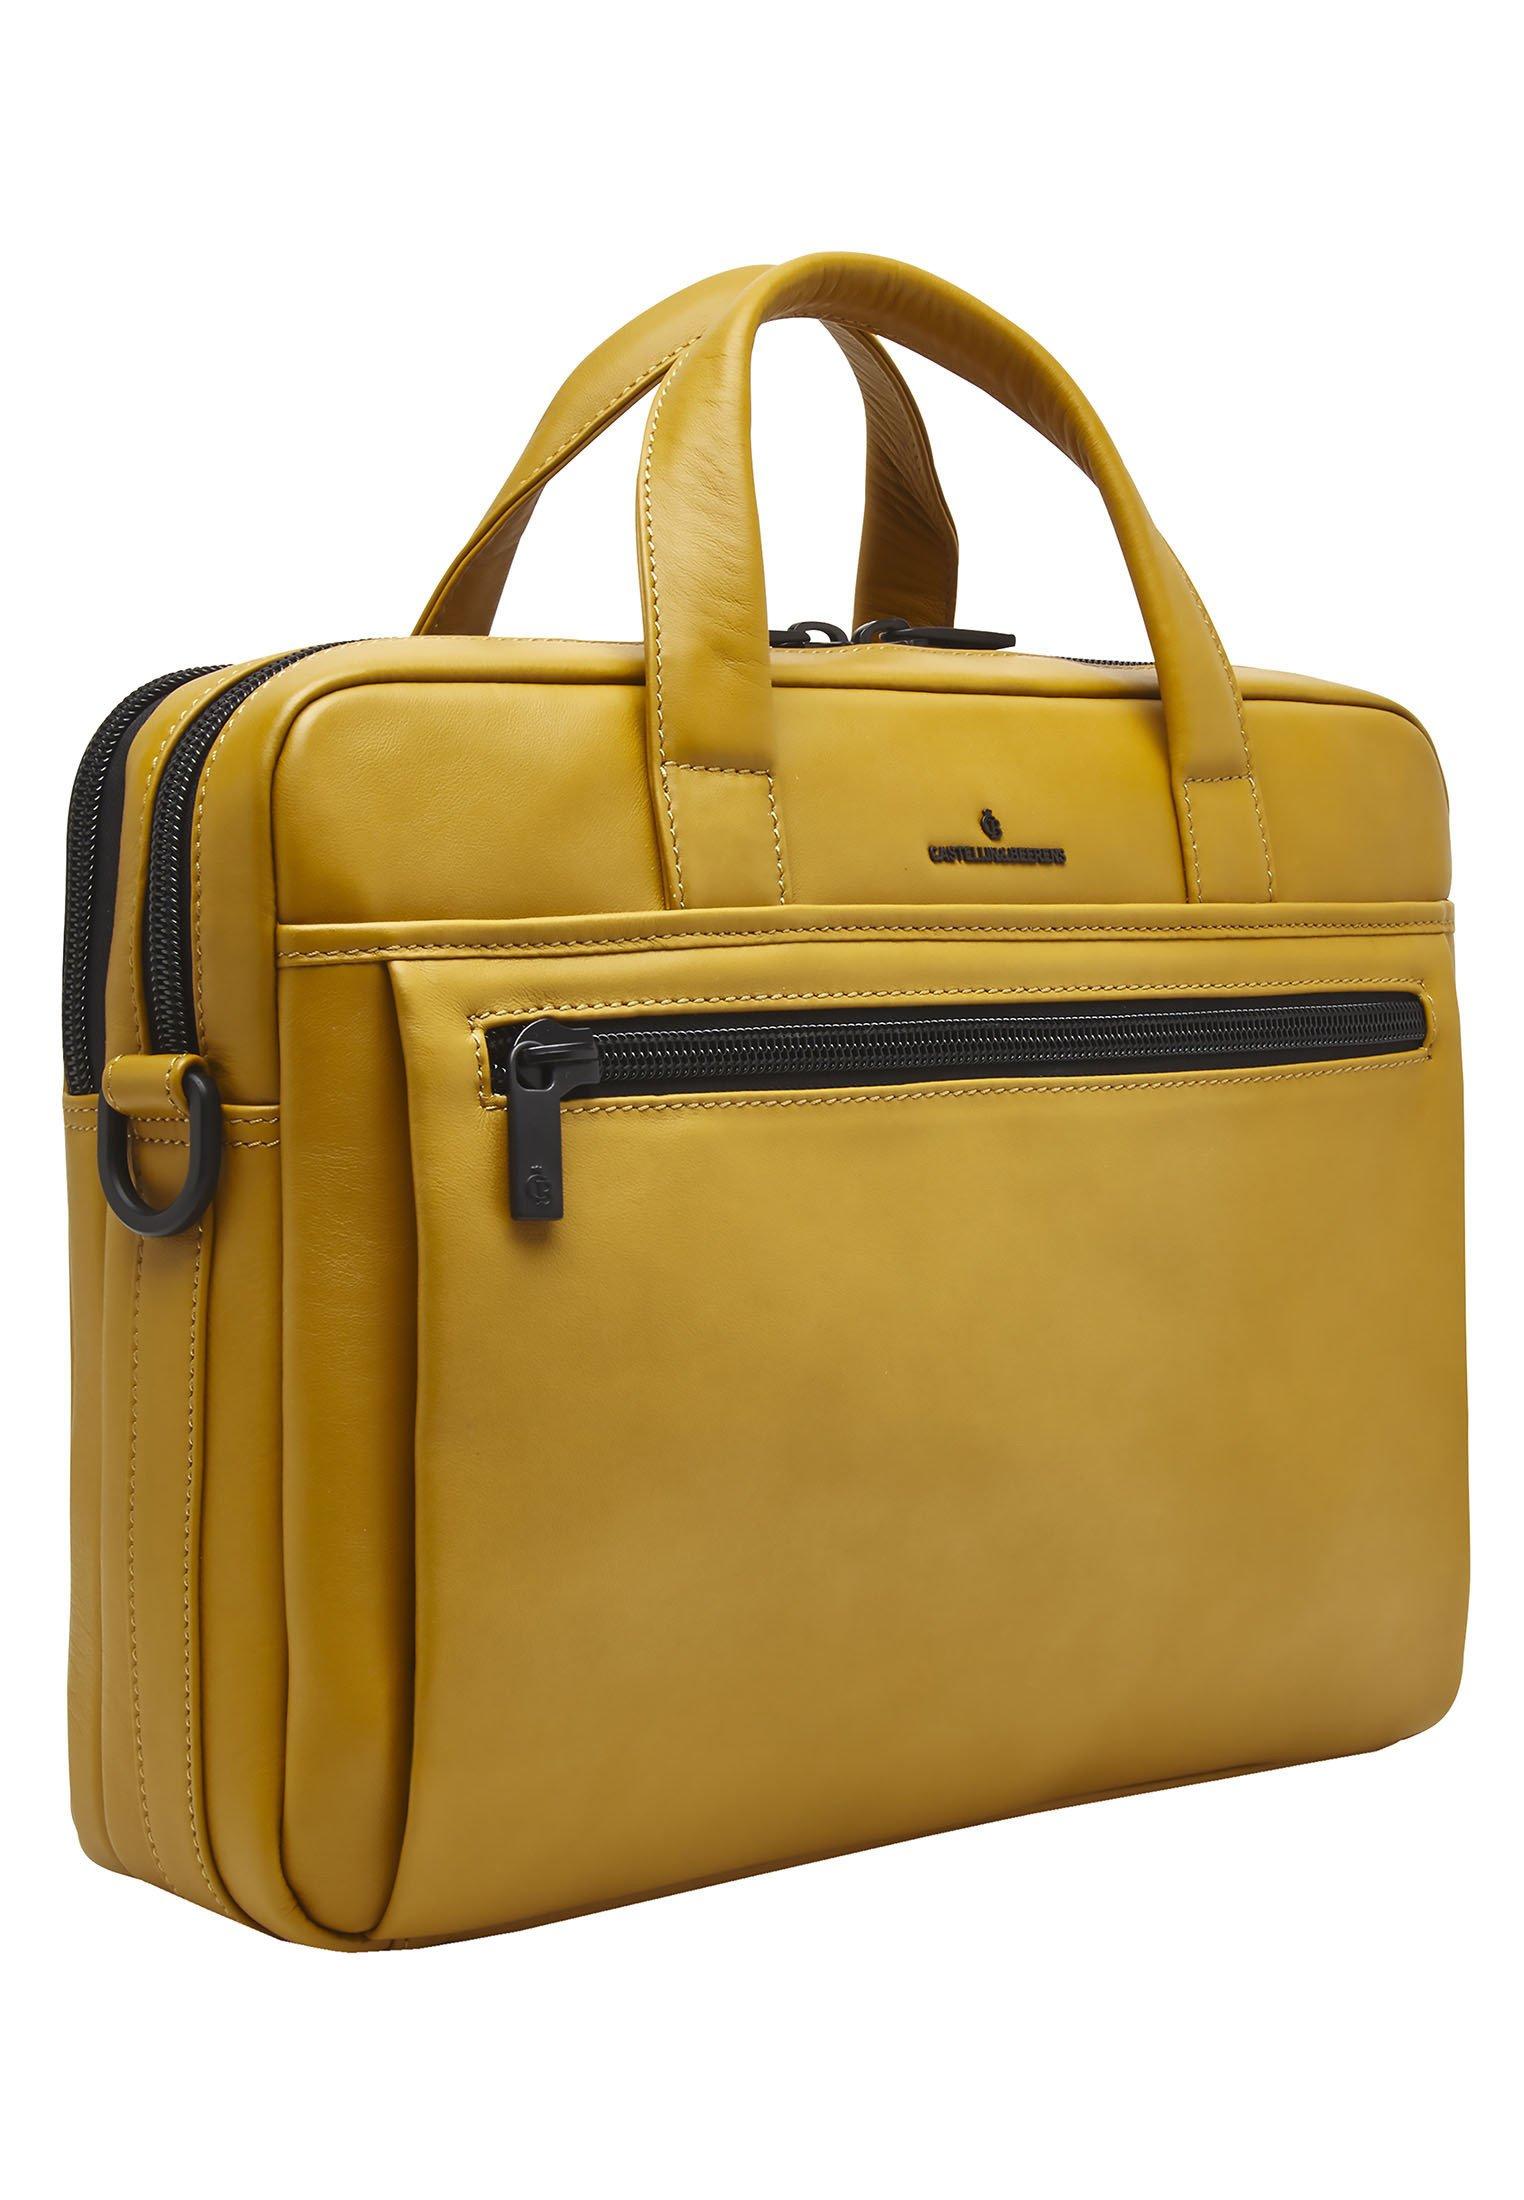 Castelijn  Beerens Aktentasche - yellow/gelb - Herrentaschen iR40c